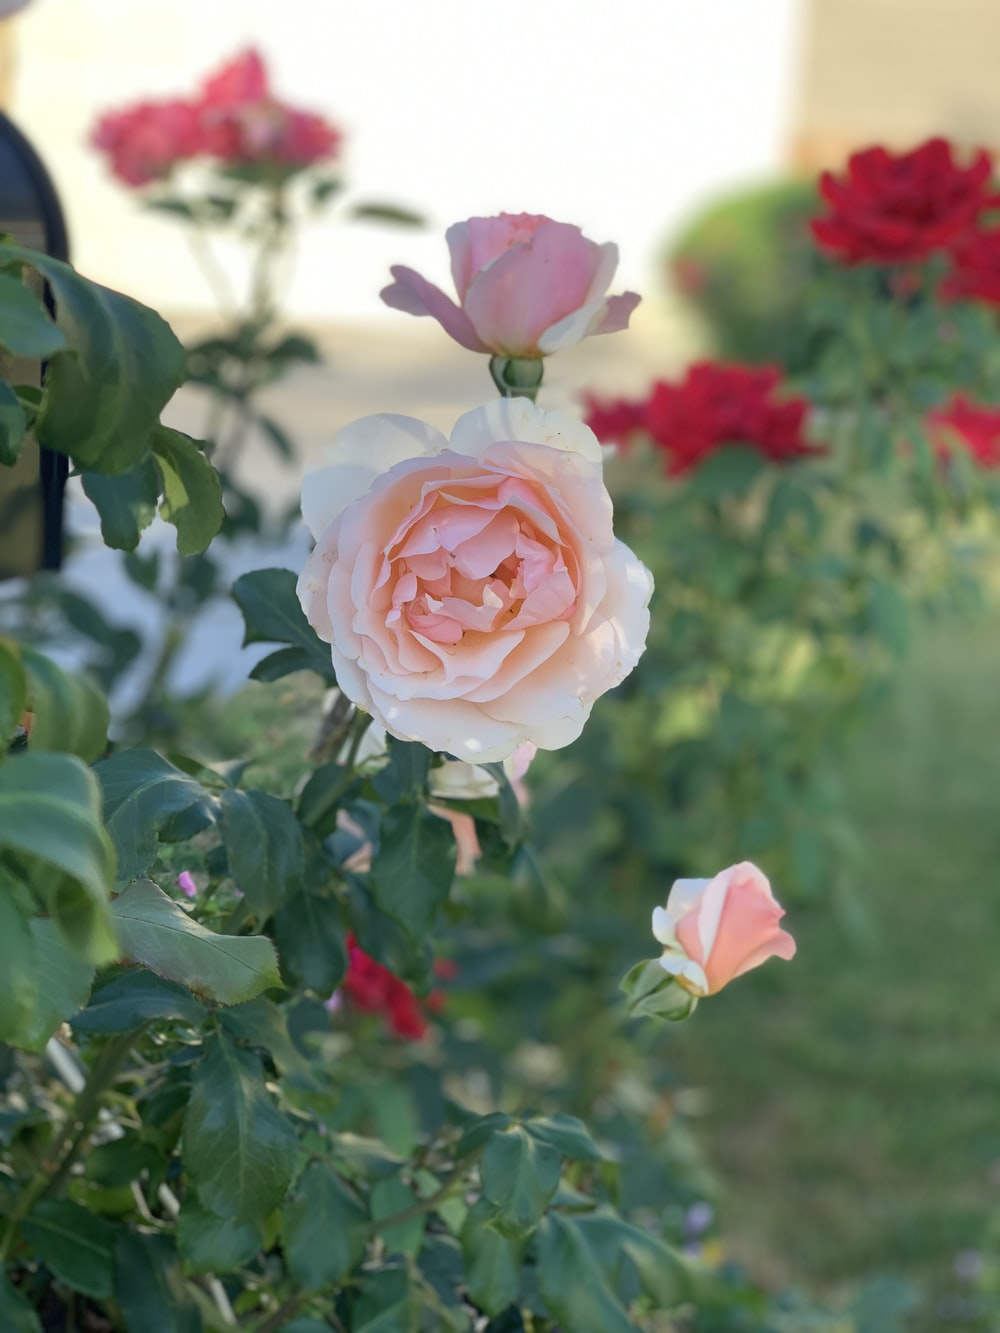 pink rose flower during daytime